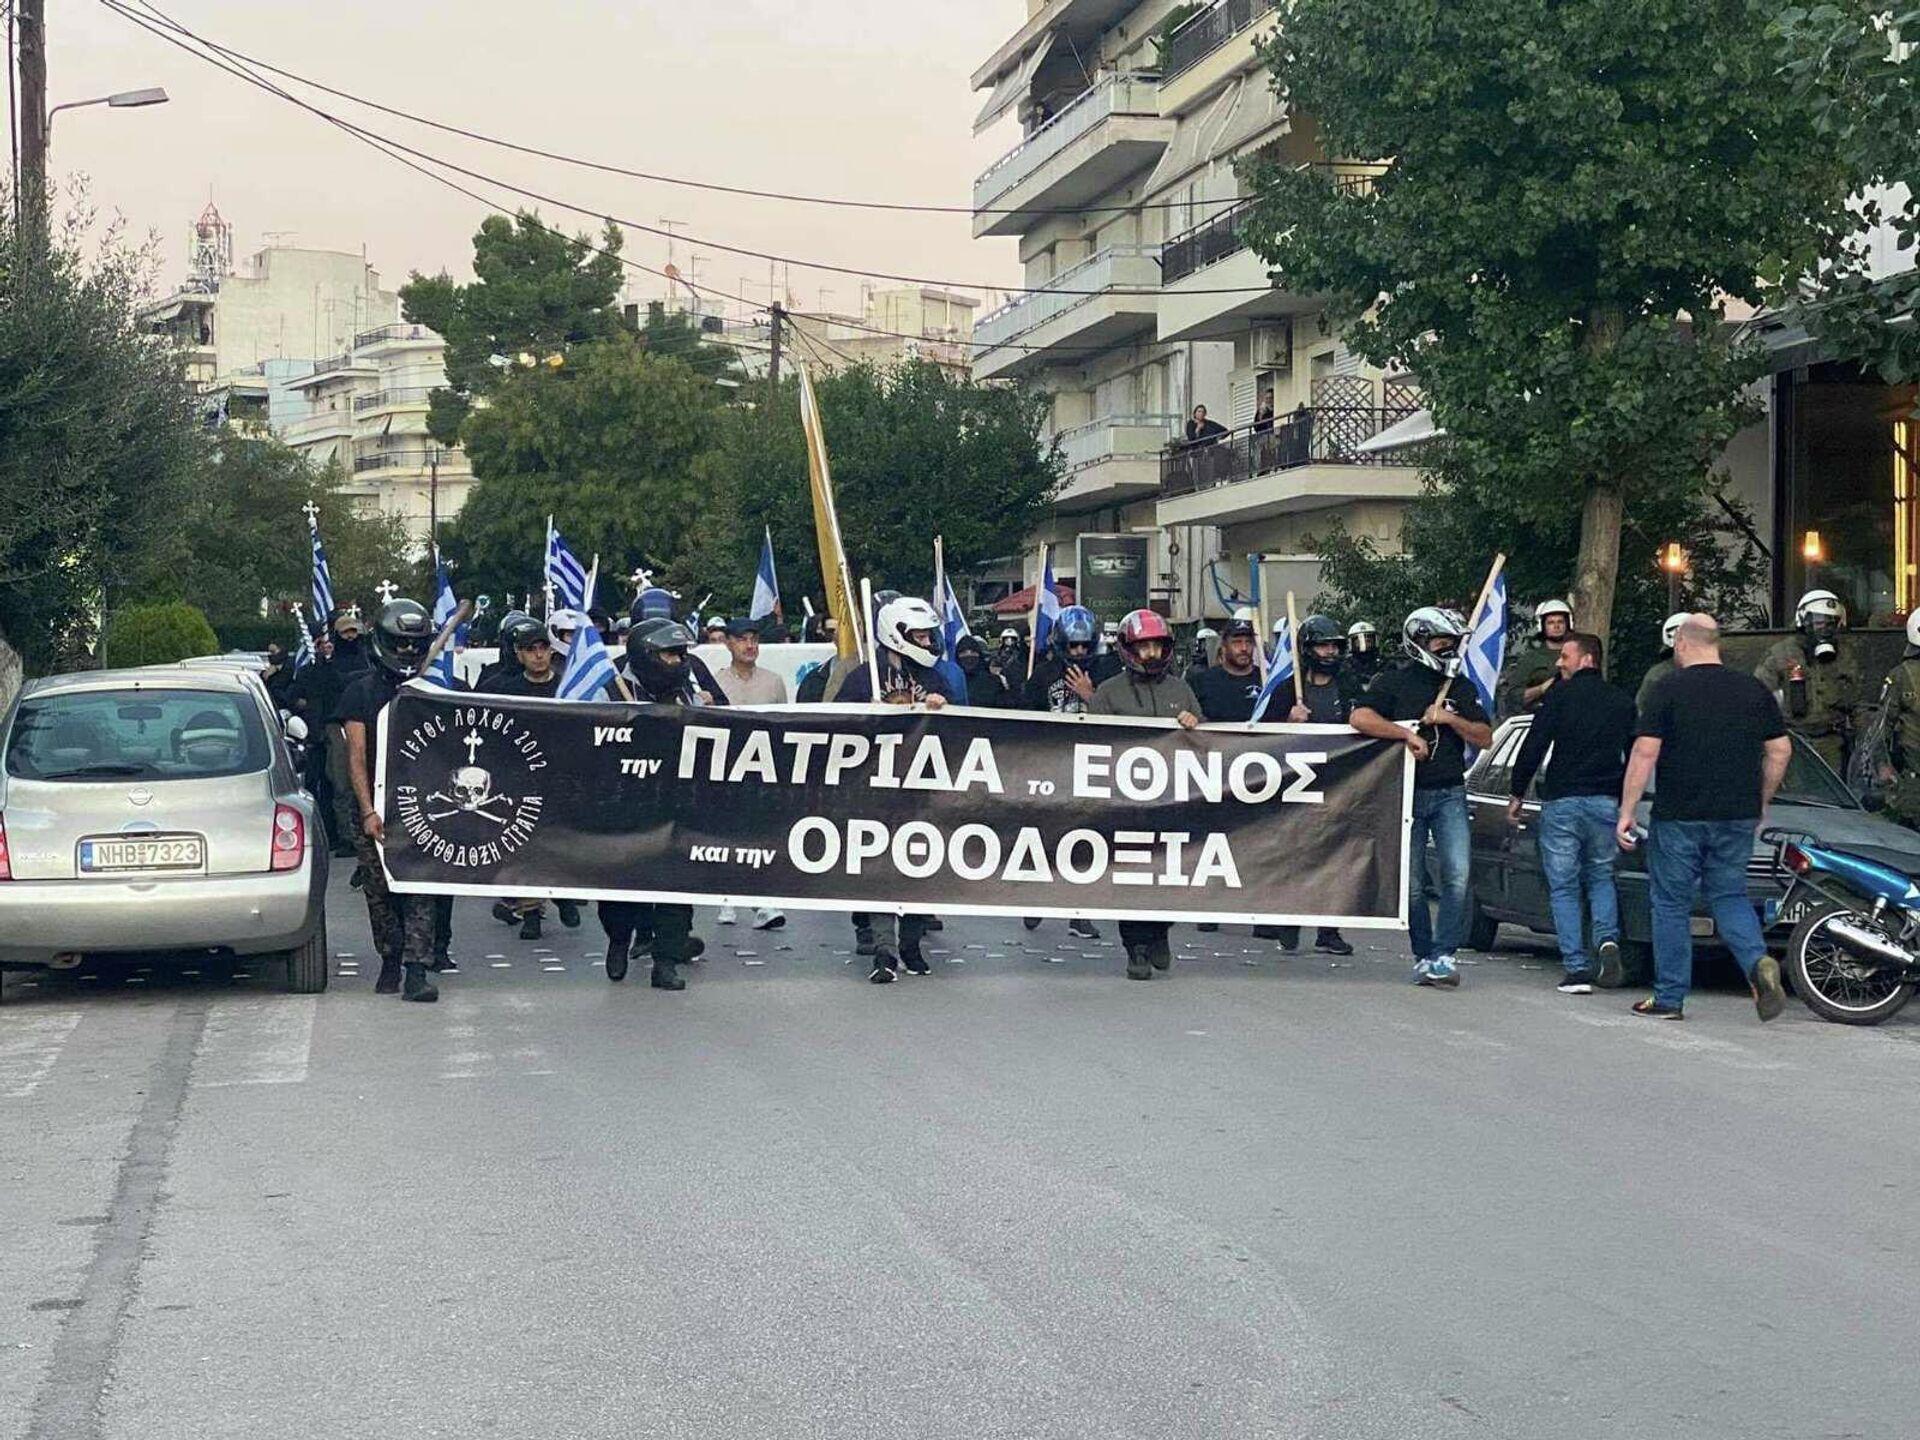 Πορεία Ιερού Λόχου στη Θεσσαλονίκη - Sputnik Ελλάδα, 1920, 02.10.2021